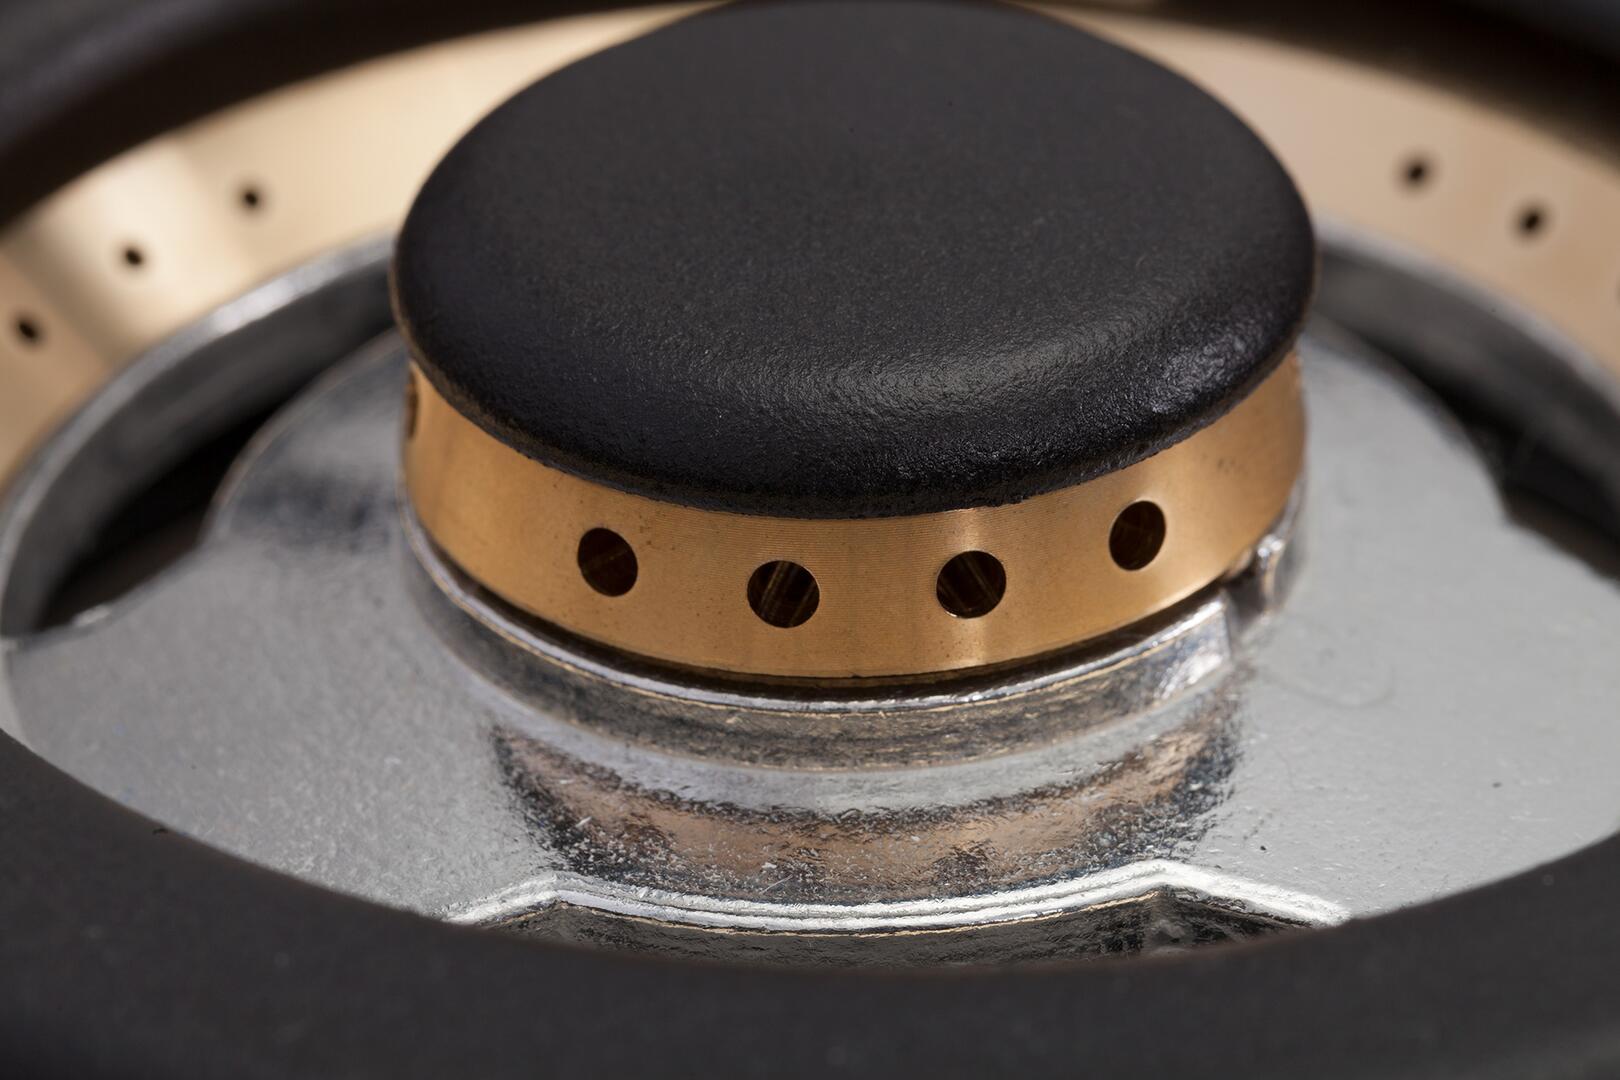 Ilve Professional Plus UPDW1006DMPN Freestanding Dual Fuel Range Black, 8